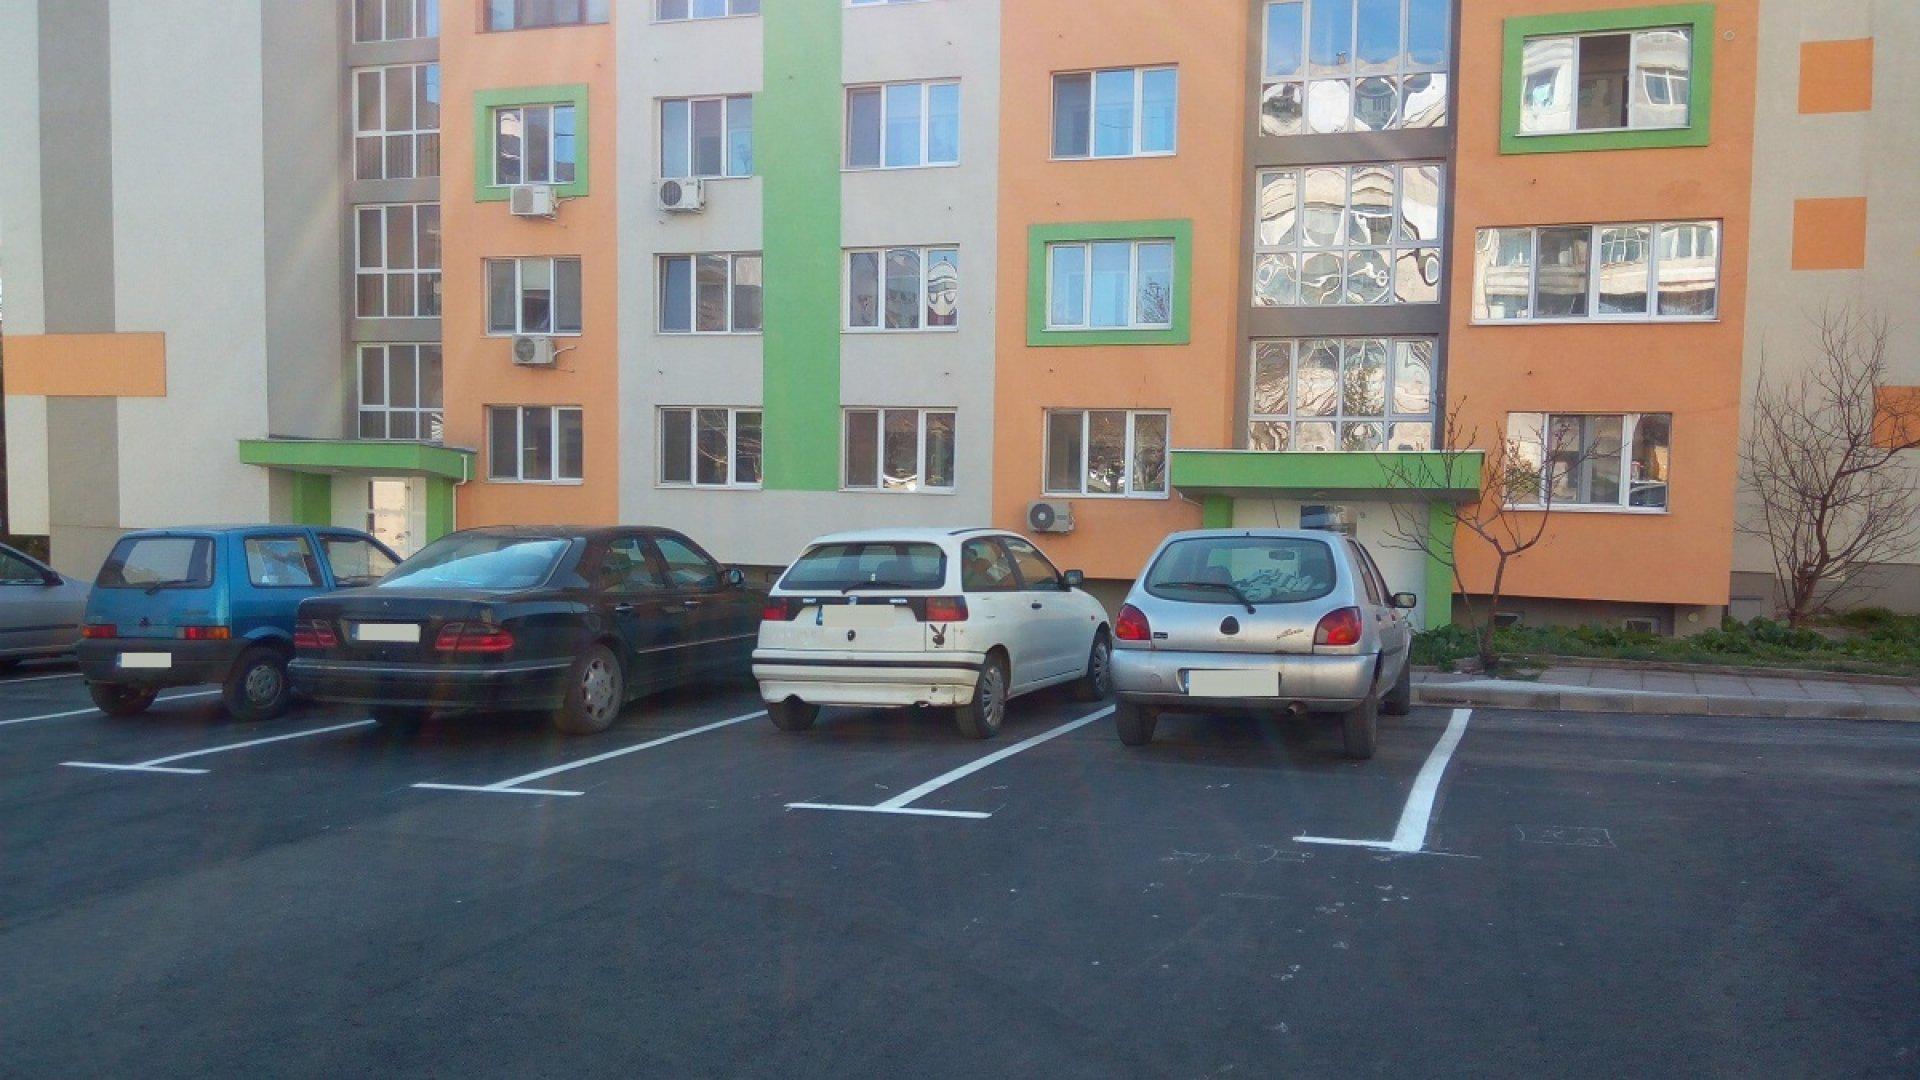 Така ще бъде решен дългогодишен проблем с паркирането. Снимка Община Бургас